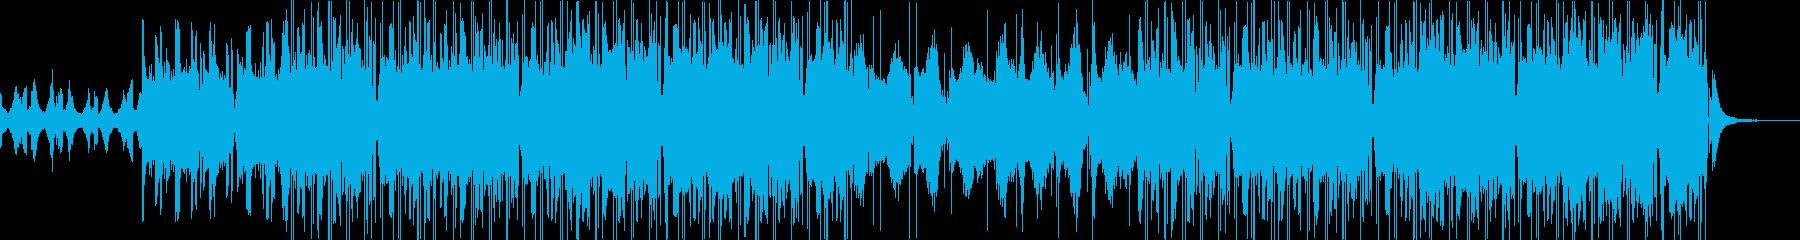 bpm112- 優しく穏やかなチルアウトの再生済みの波形